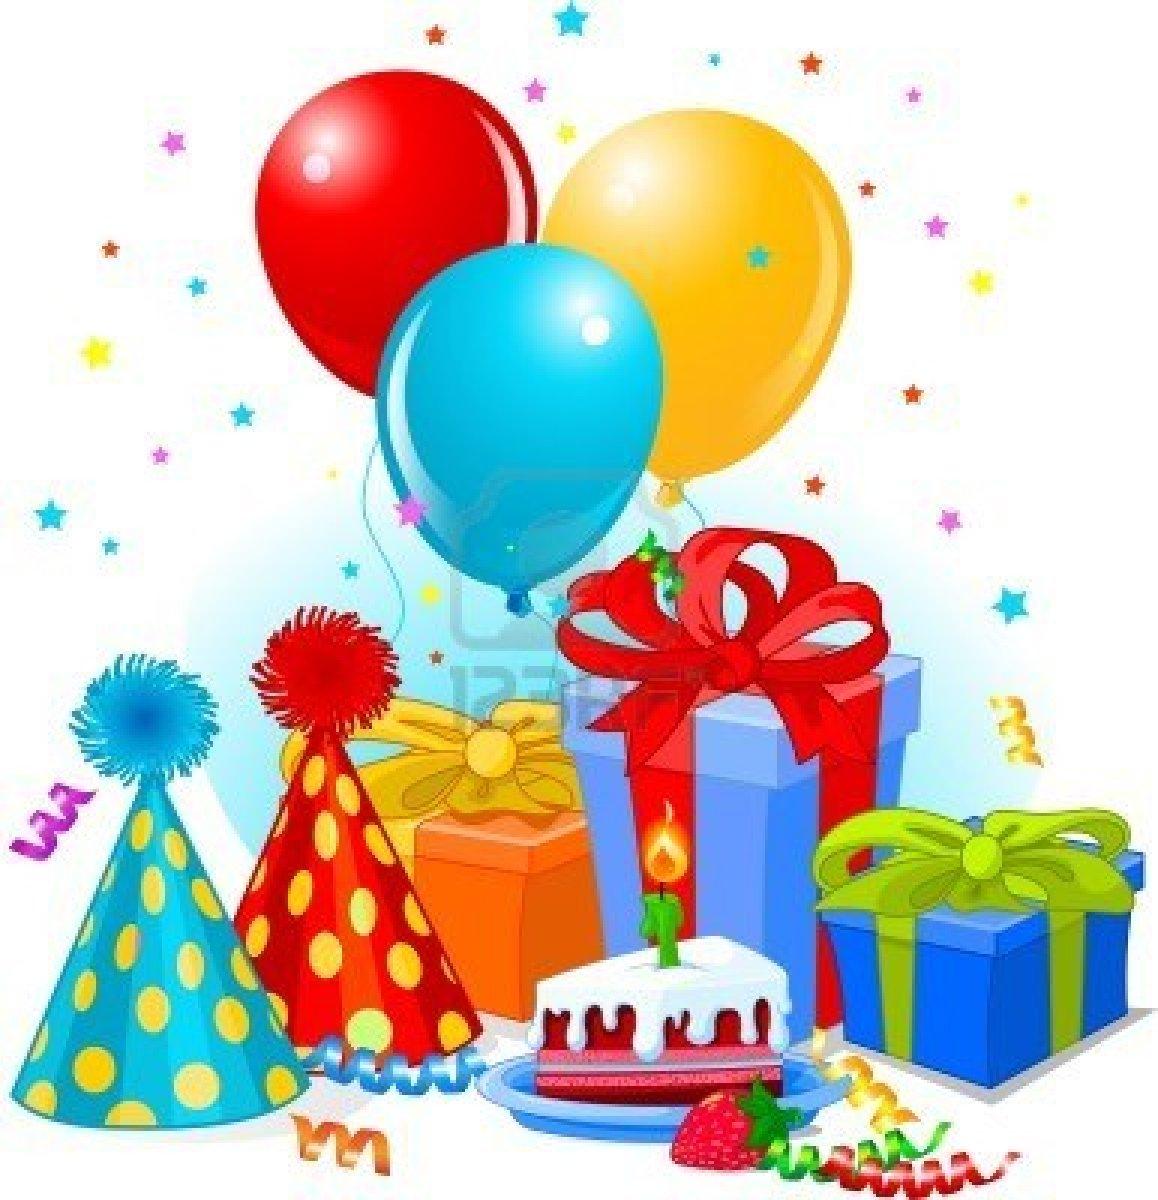 Bienvenidos al nuevo foro de apoyo a Noe #321 / 01.06.16 ~ 13.06.16 - Página 4 7333383-regalos-de-cumpleanos-y-decoracion-listo-para-la-fiesta-de-cumpleanos